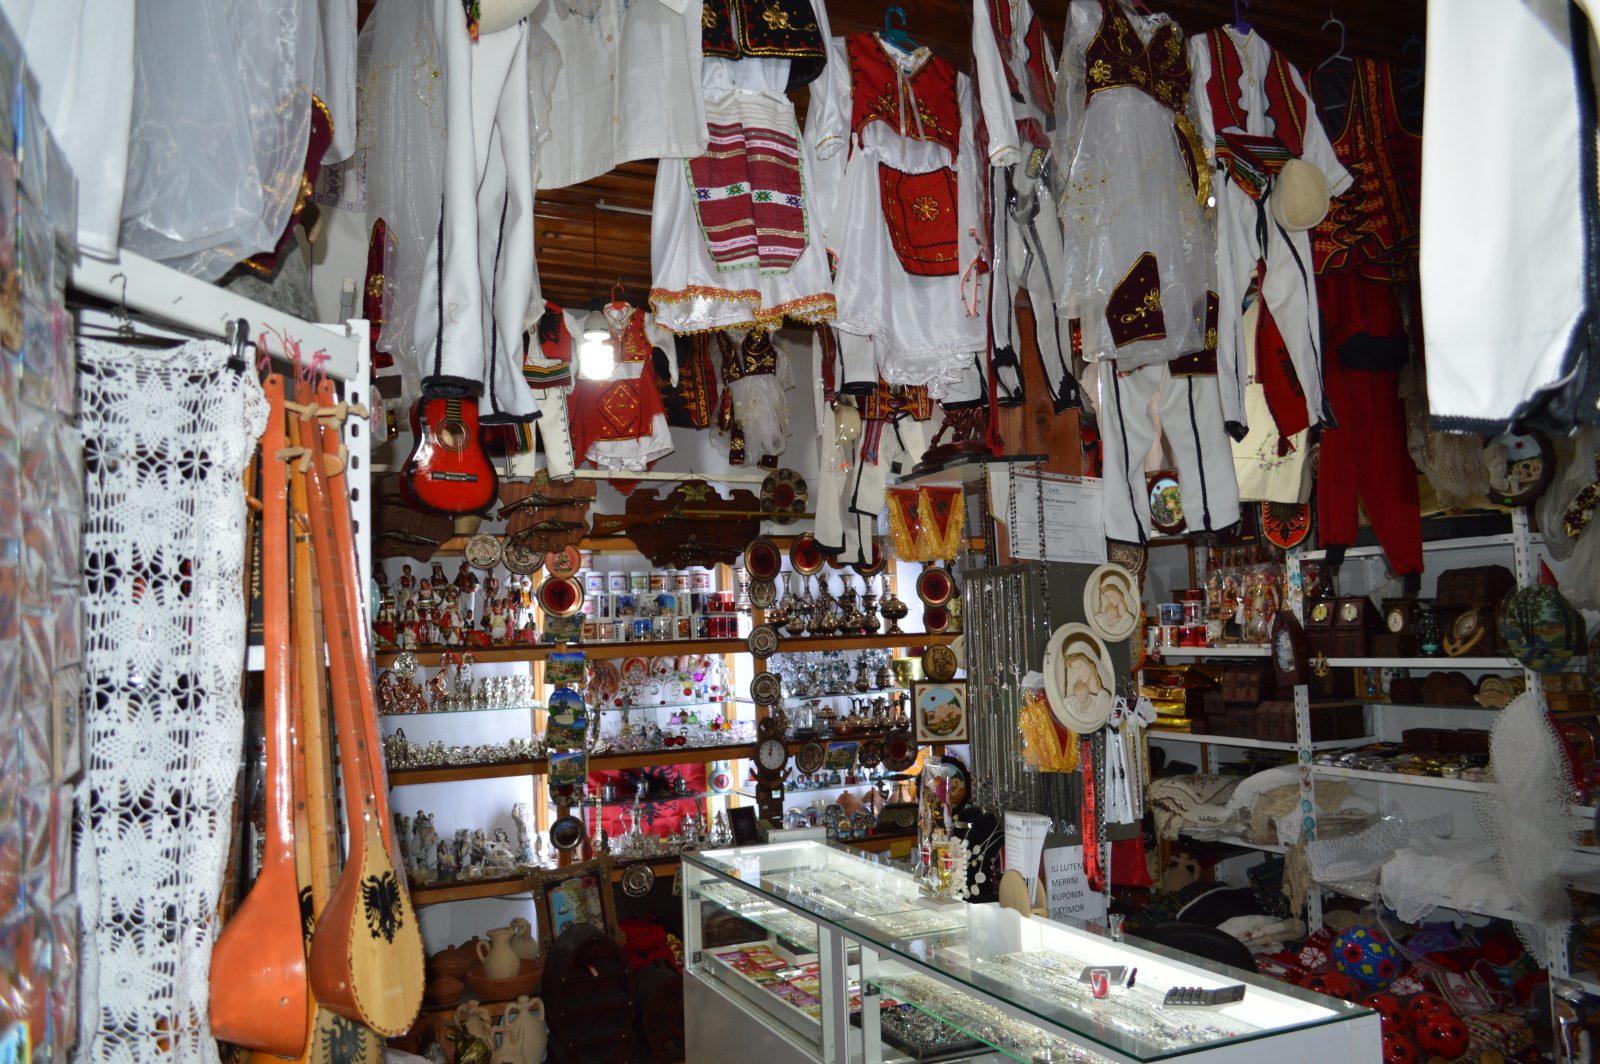 Putovanje u Albaniju, evropski gradovi, suvenirnica